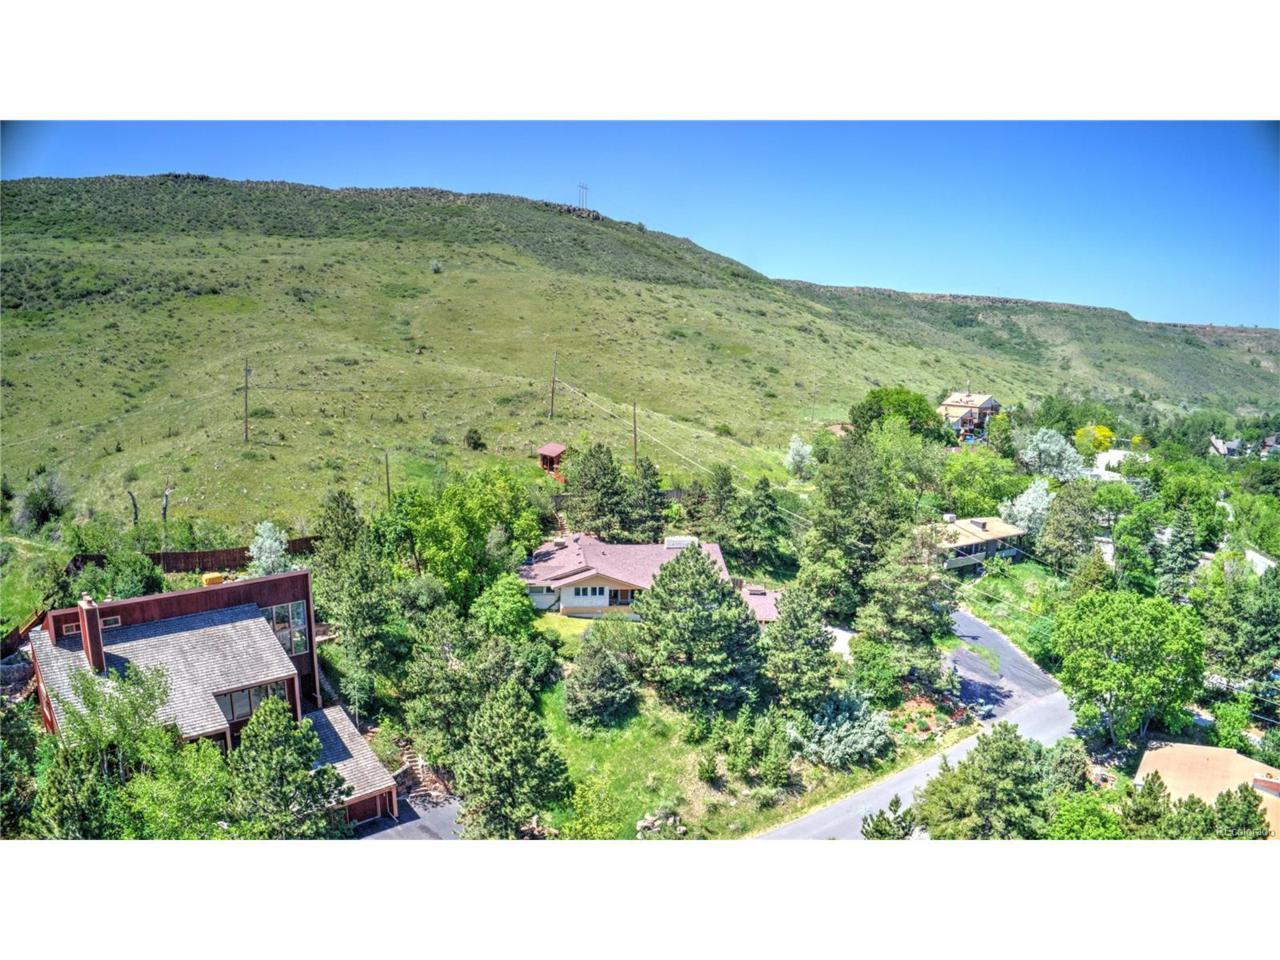 14600 Foothill Road, Golden, CO 80401 (MLS #6842208) :: 8z Real Estate